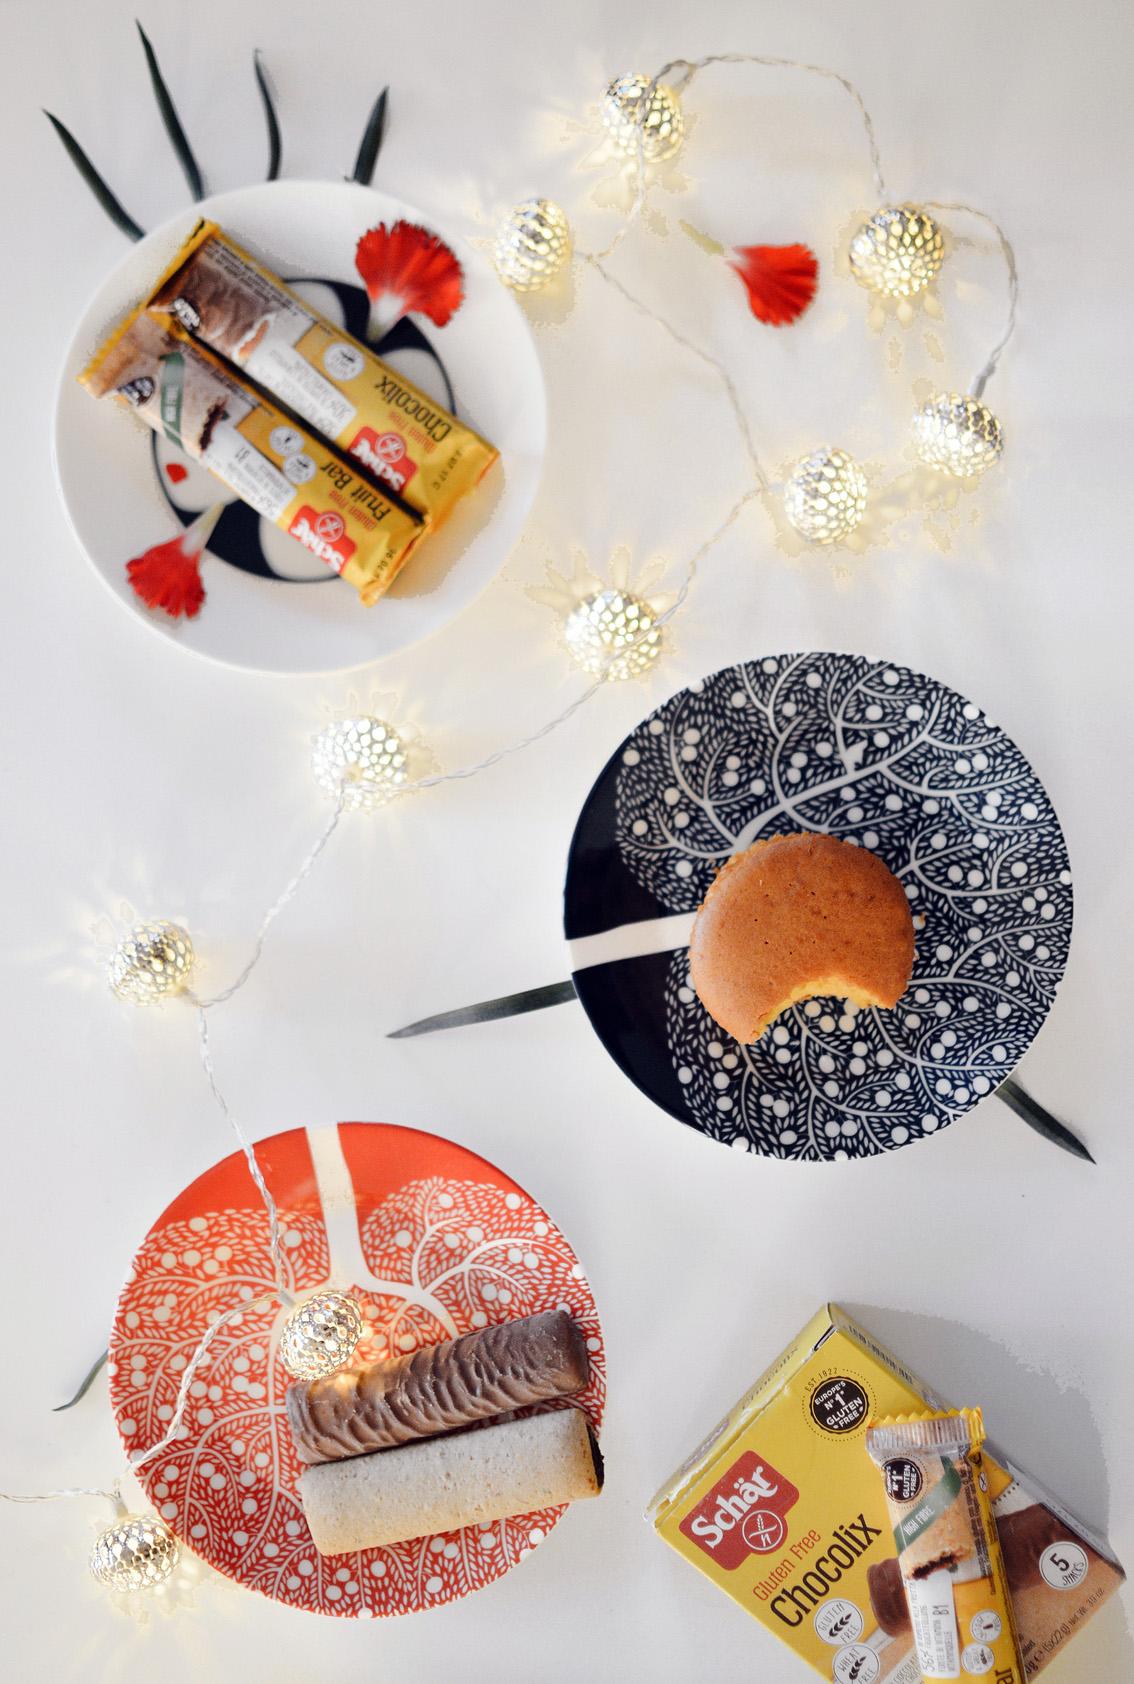 17 Show Cooking con Sonia Peronaci e Schär, imparando deliziose ricette gluten free.